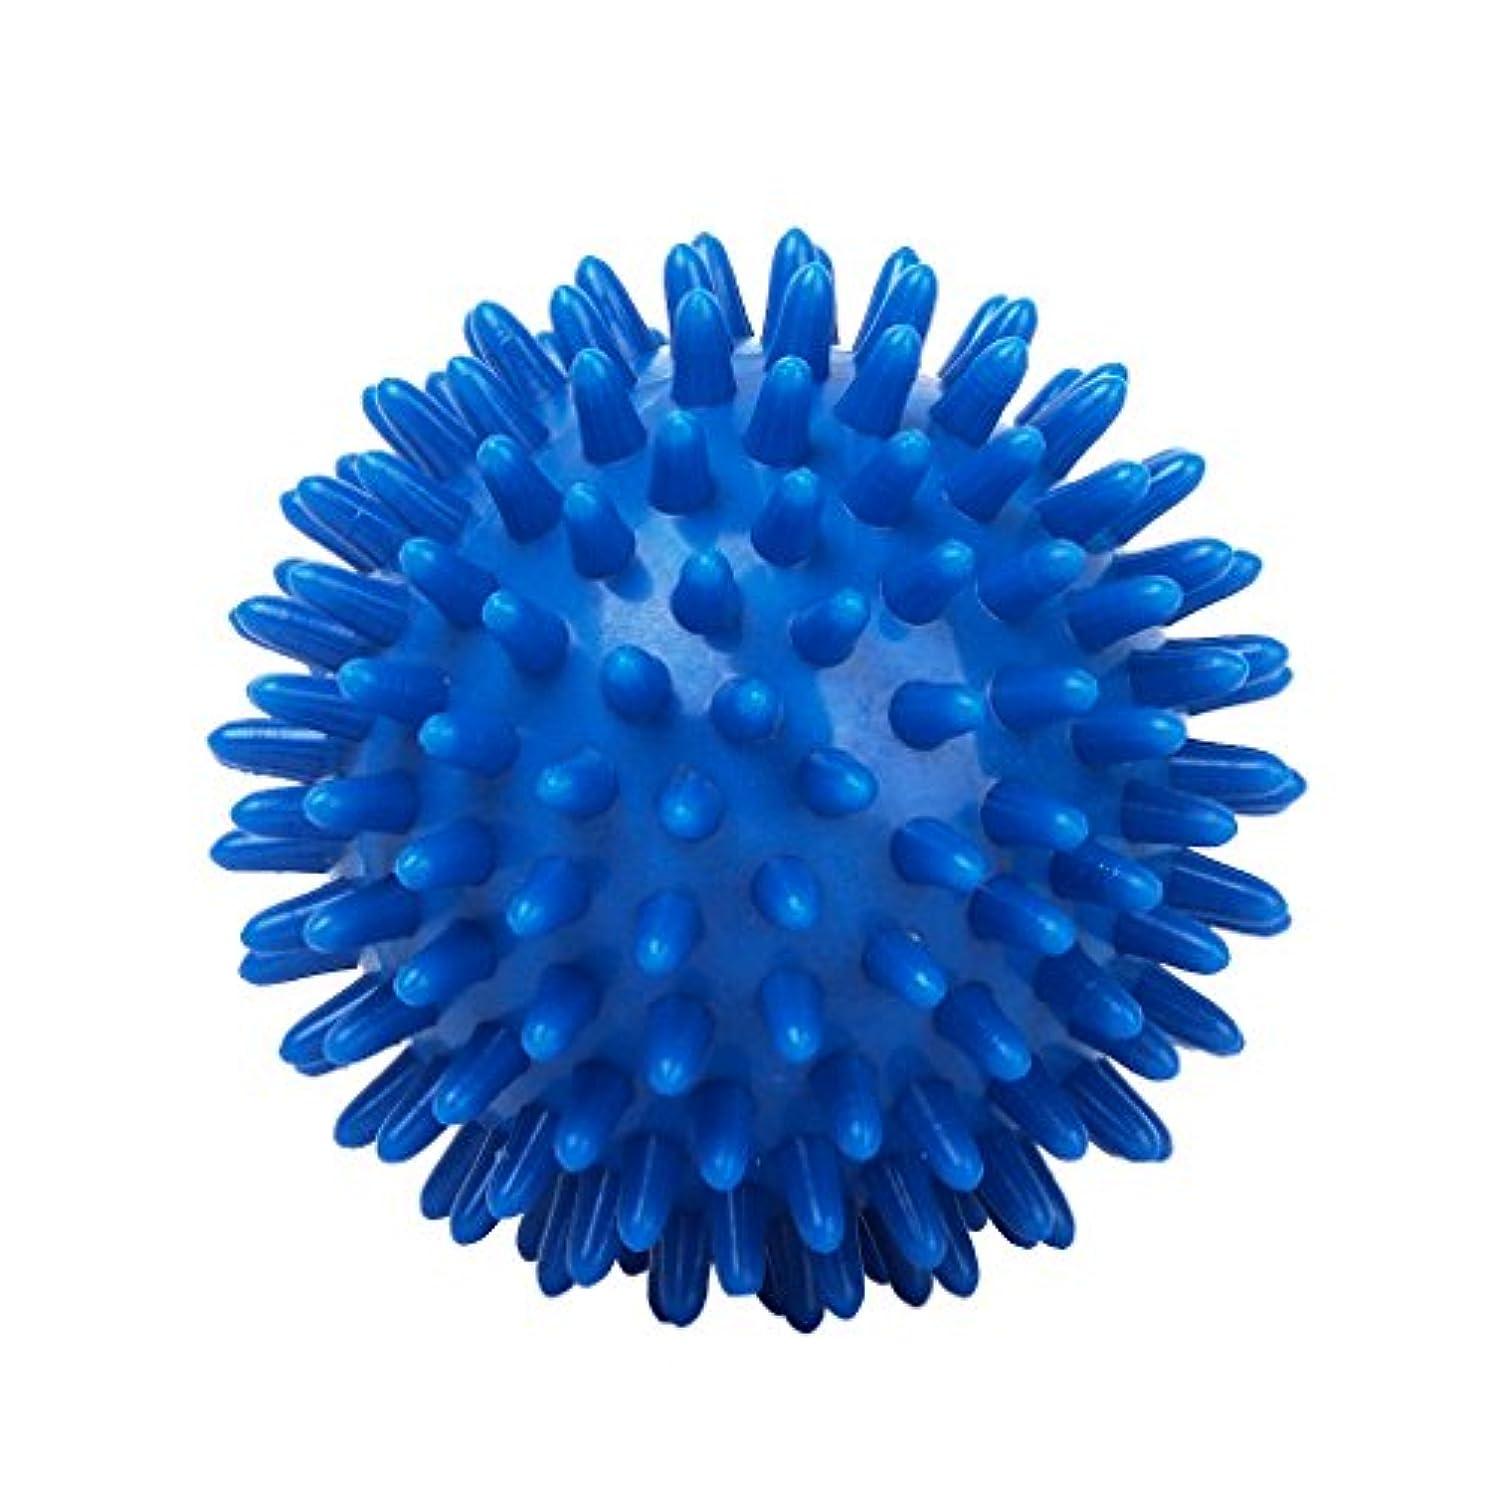 やろうテレマコス仲間便利 小型 マッサージボール 足用 筋肉対応 8cm マッサージ ボール PVC製 ブルー